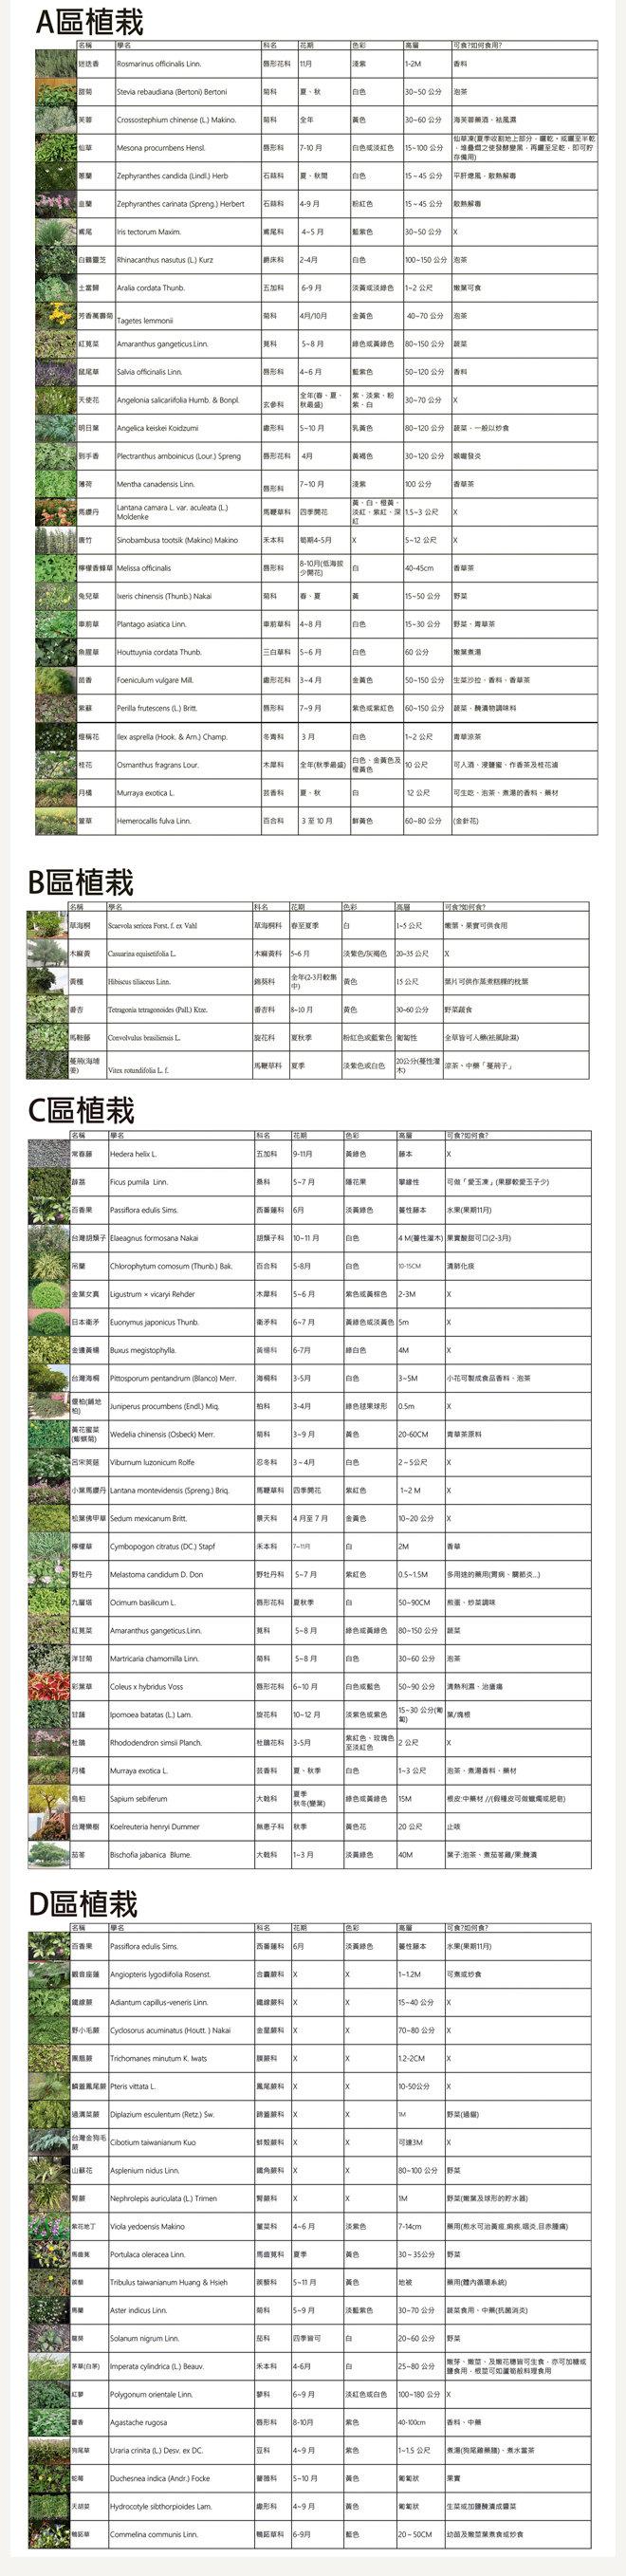 中原_4線上展-2.jpg